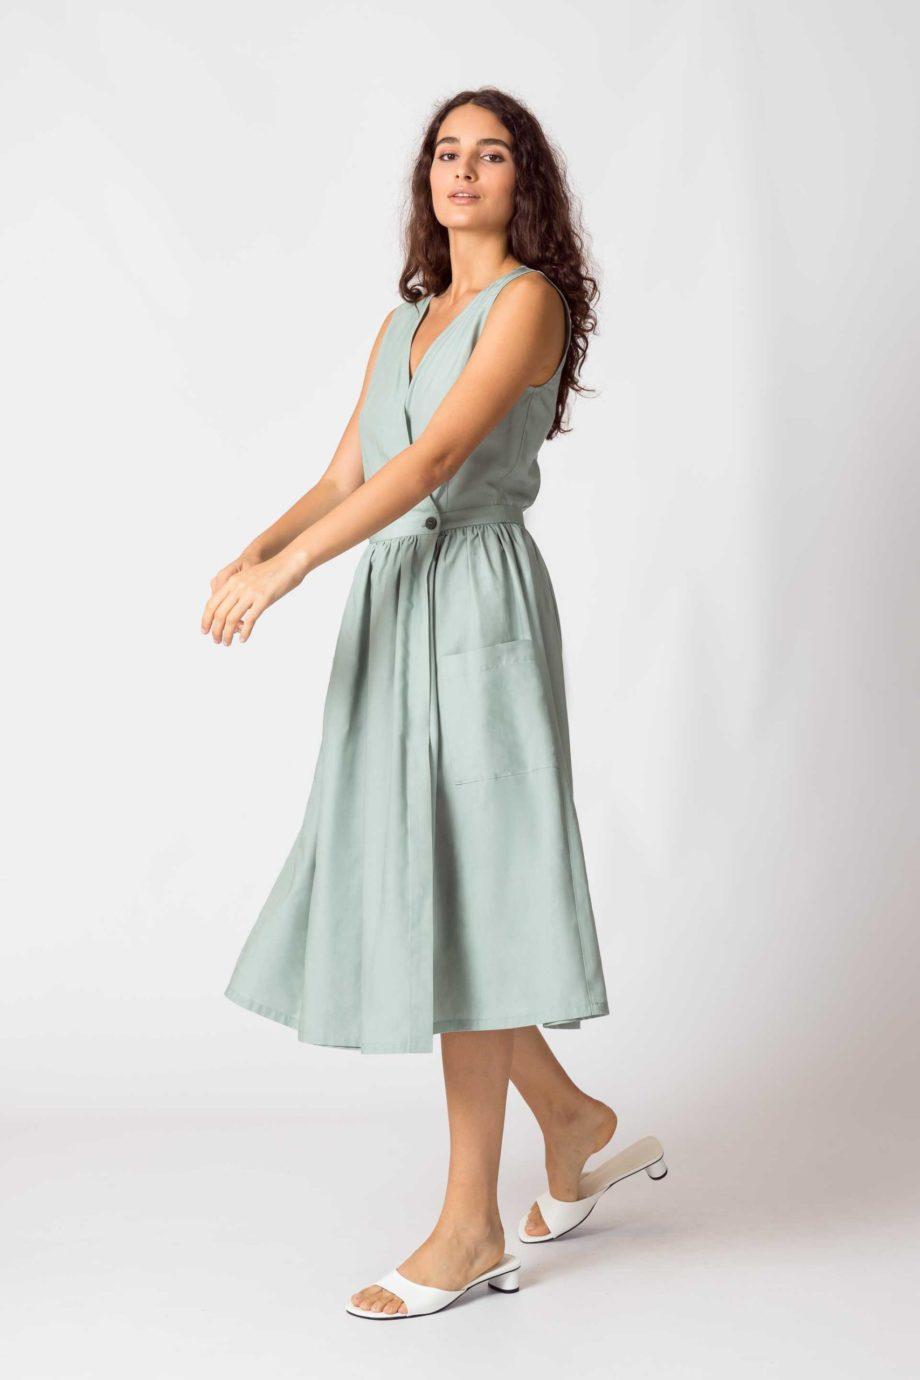 Frau trägt ärmelloses Wickelkleid von SKFK (GABRIELA) aus Lycocell in hellem Mintgrün. Oben figurnah mit V-Ausschnitt, unten ausgestellter Rock in A-Linie und Midi-Länge mit zwei Knöpfen in der Taille zum verschliessen und aufgesetzten Taschen vorn. / Color G4 / Seitenansicht / pussyGALORE / Leipzig